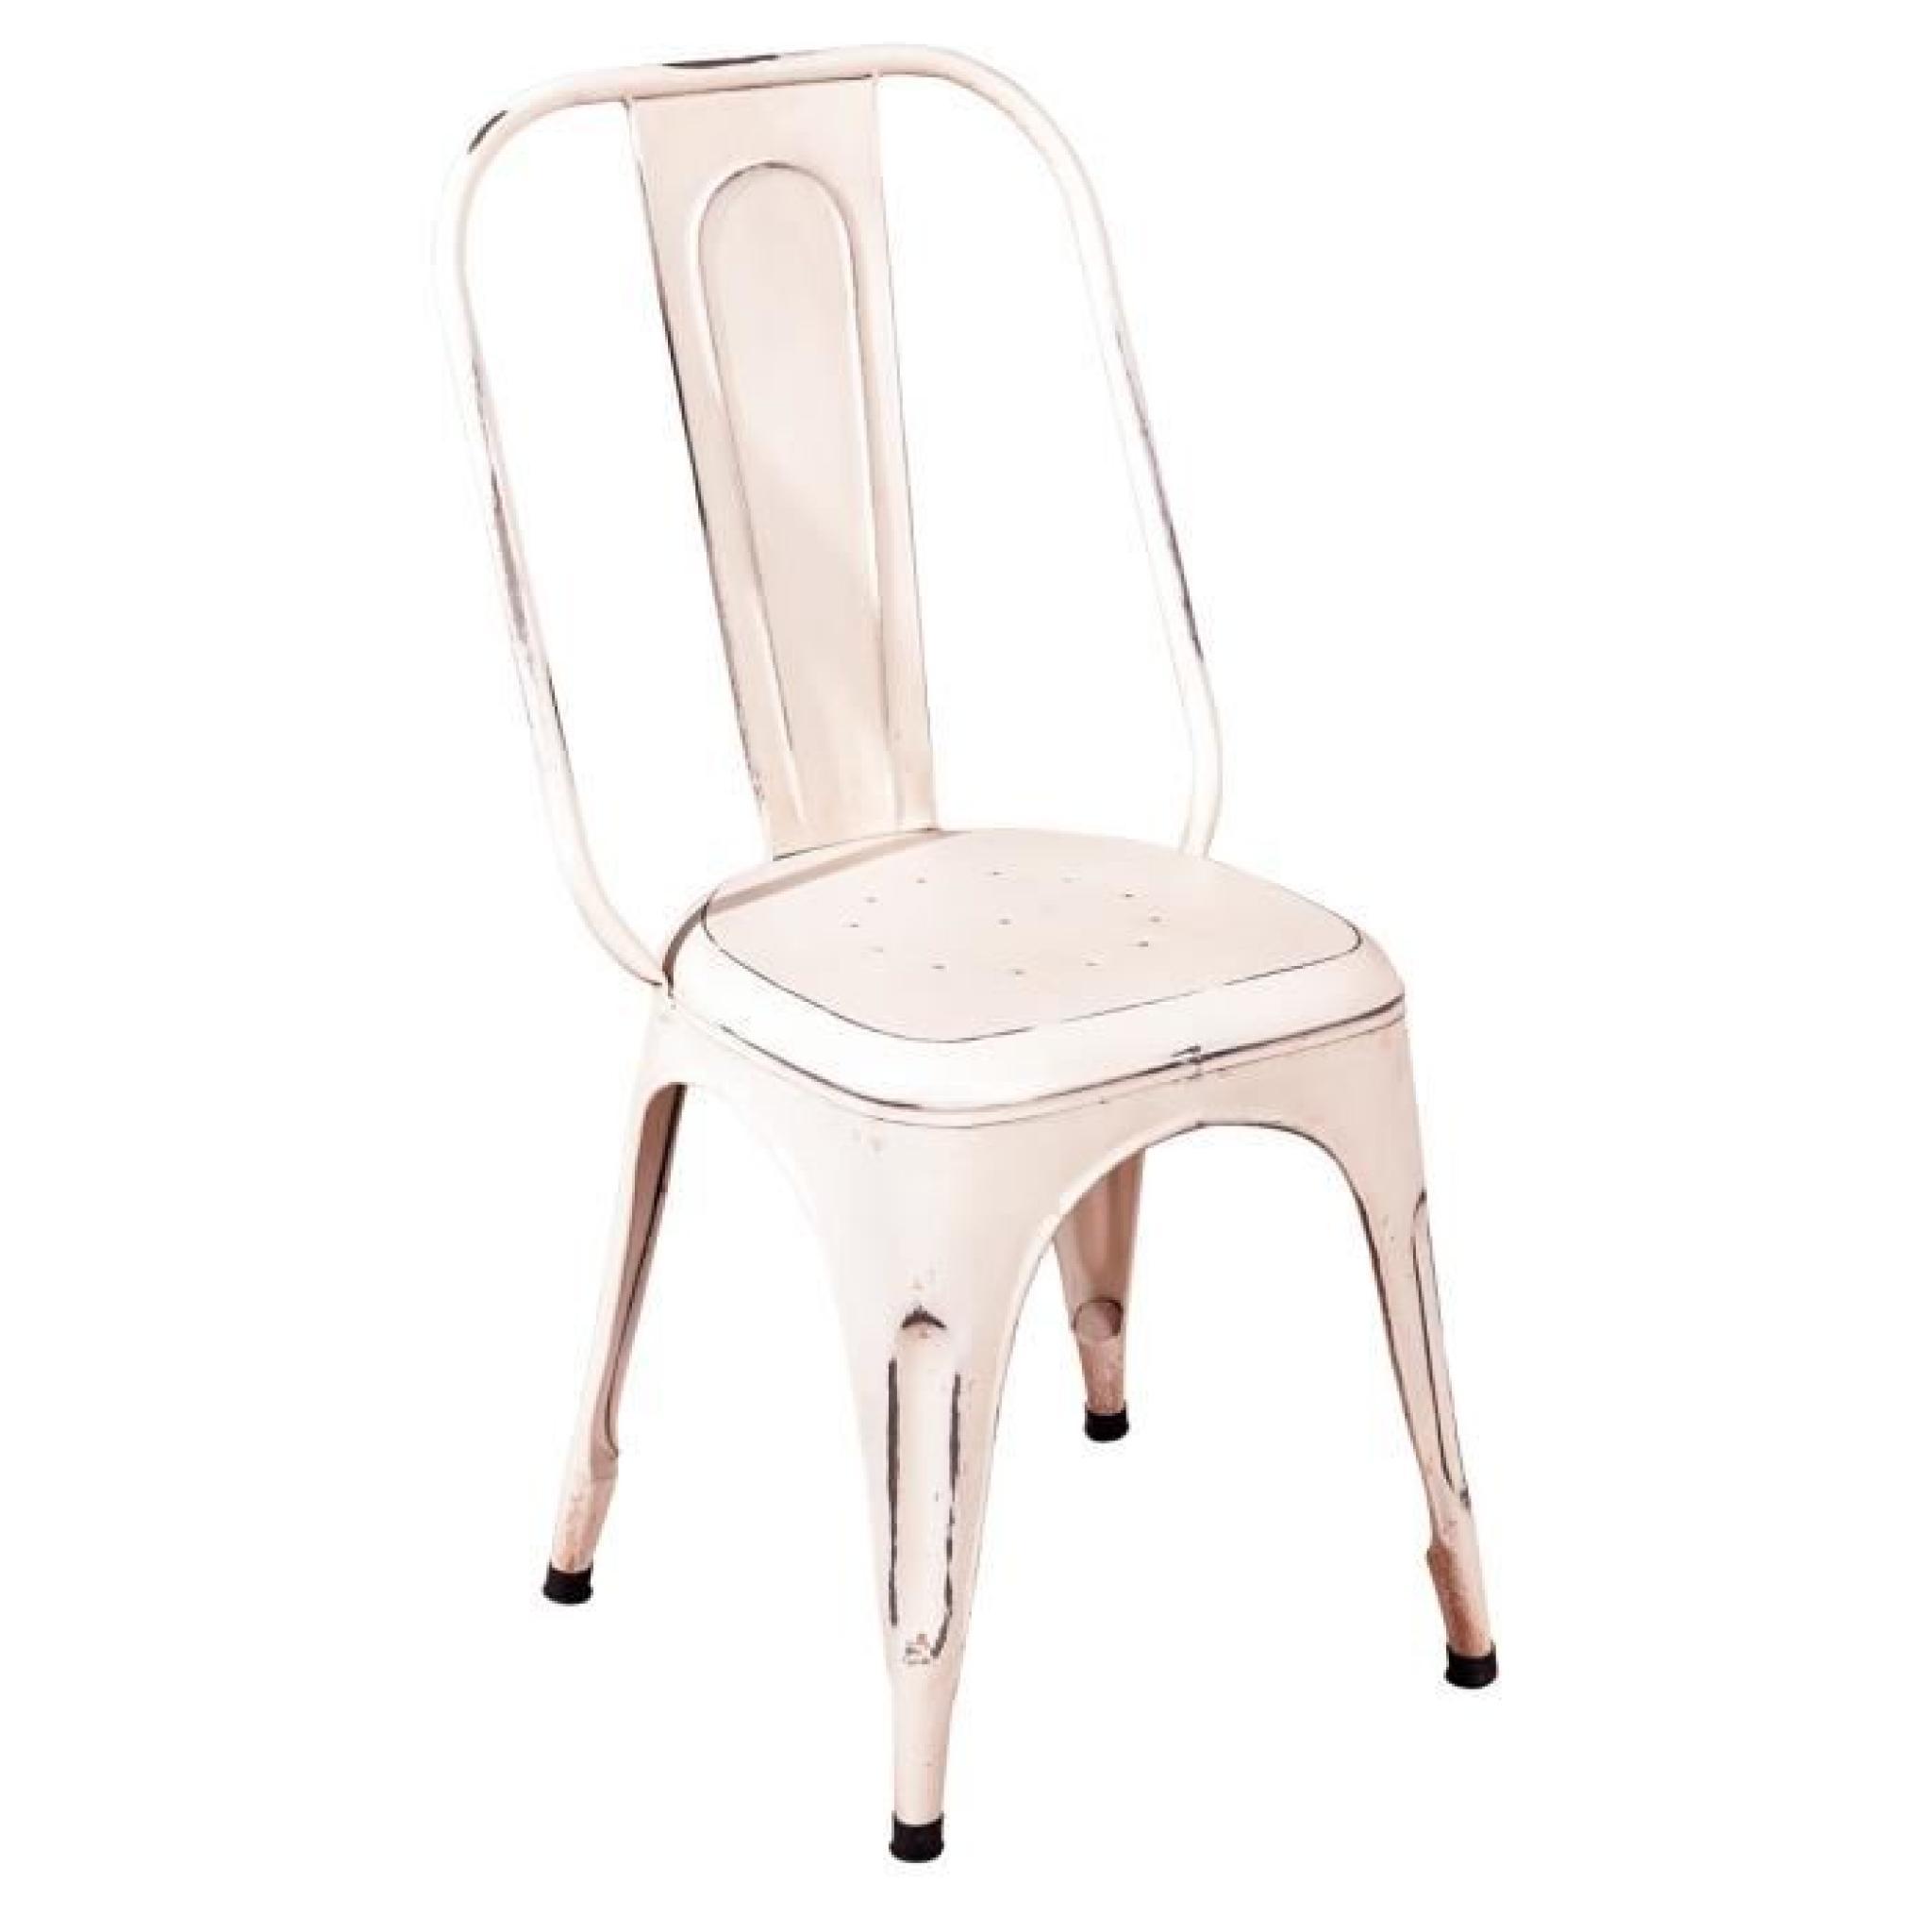 4 Métal Lot A Blanc Chaise Chaises Salle Manger Achatvente Loft WDH2E9I